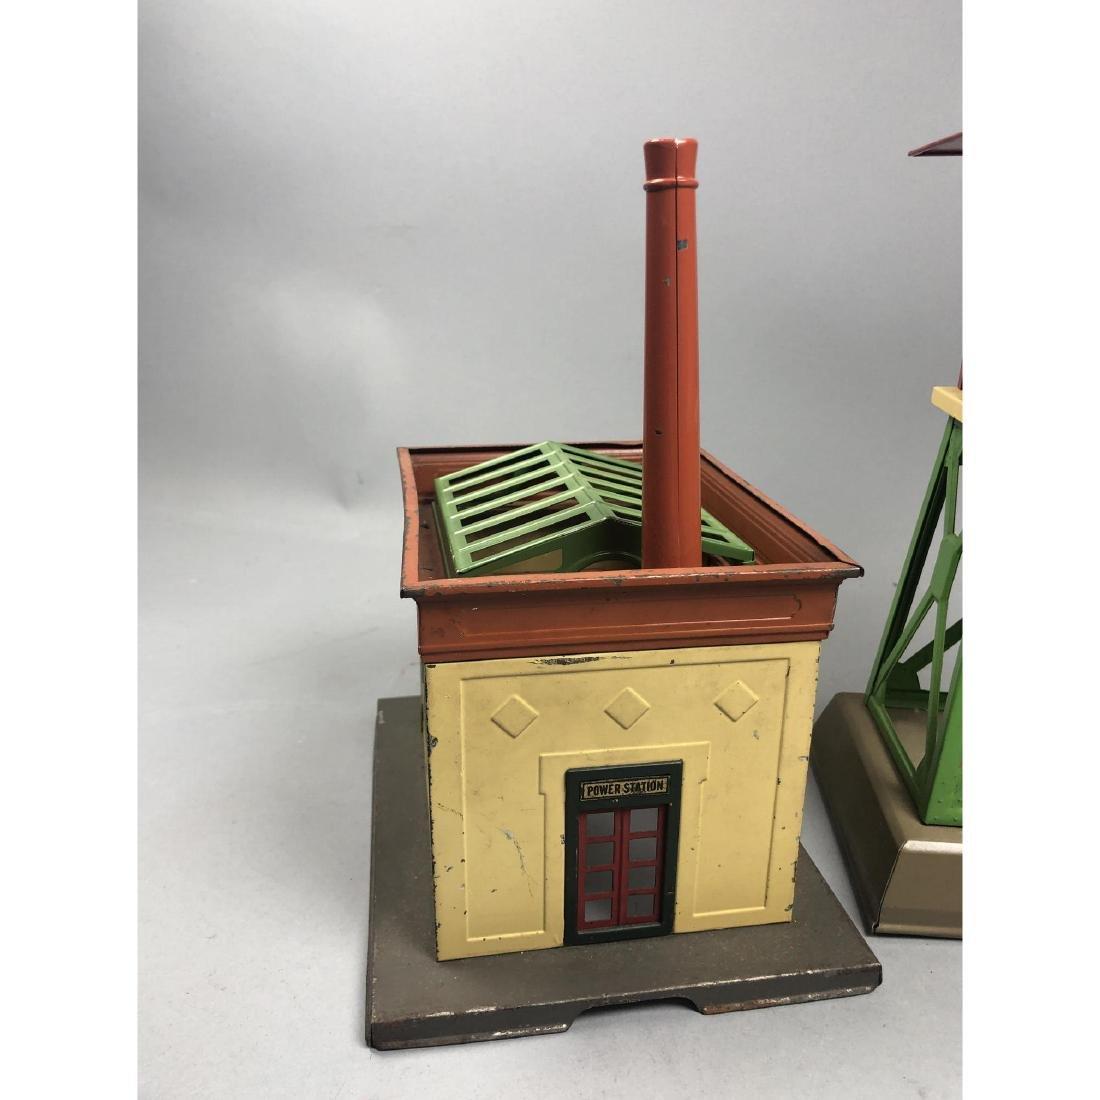 3pc LIONEL Model Train Buildings. 1 power station - 2